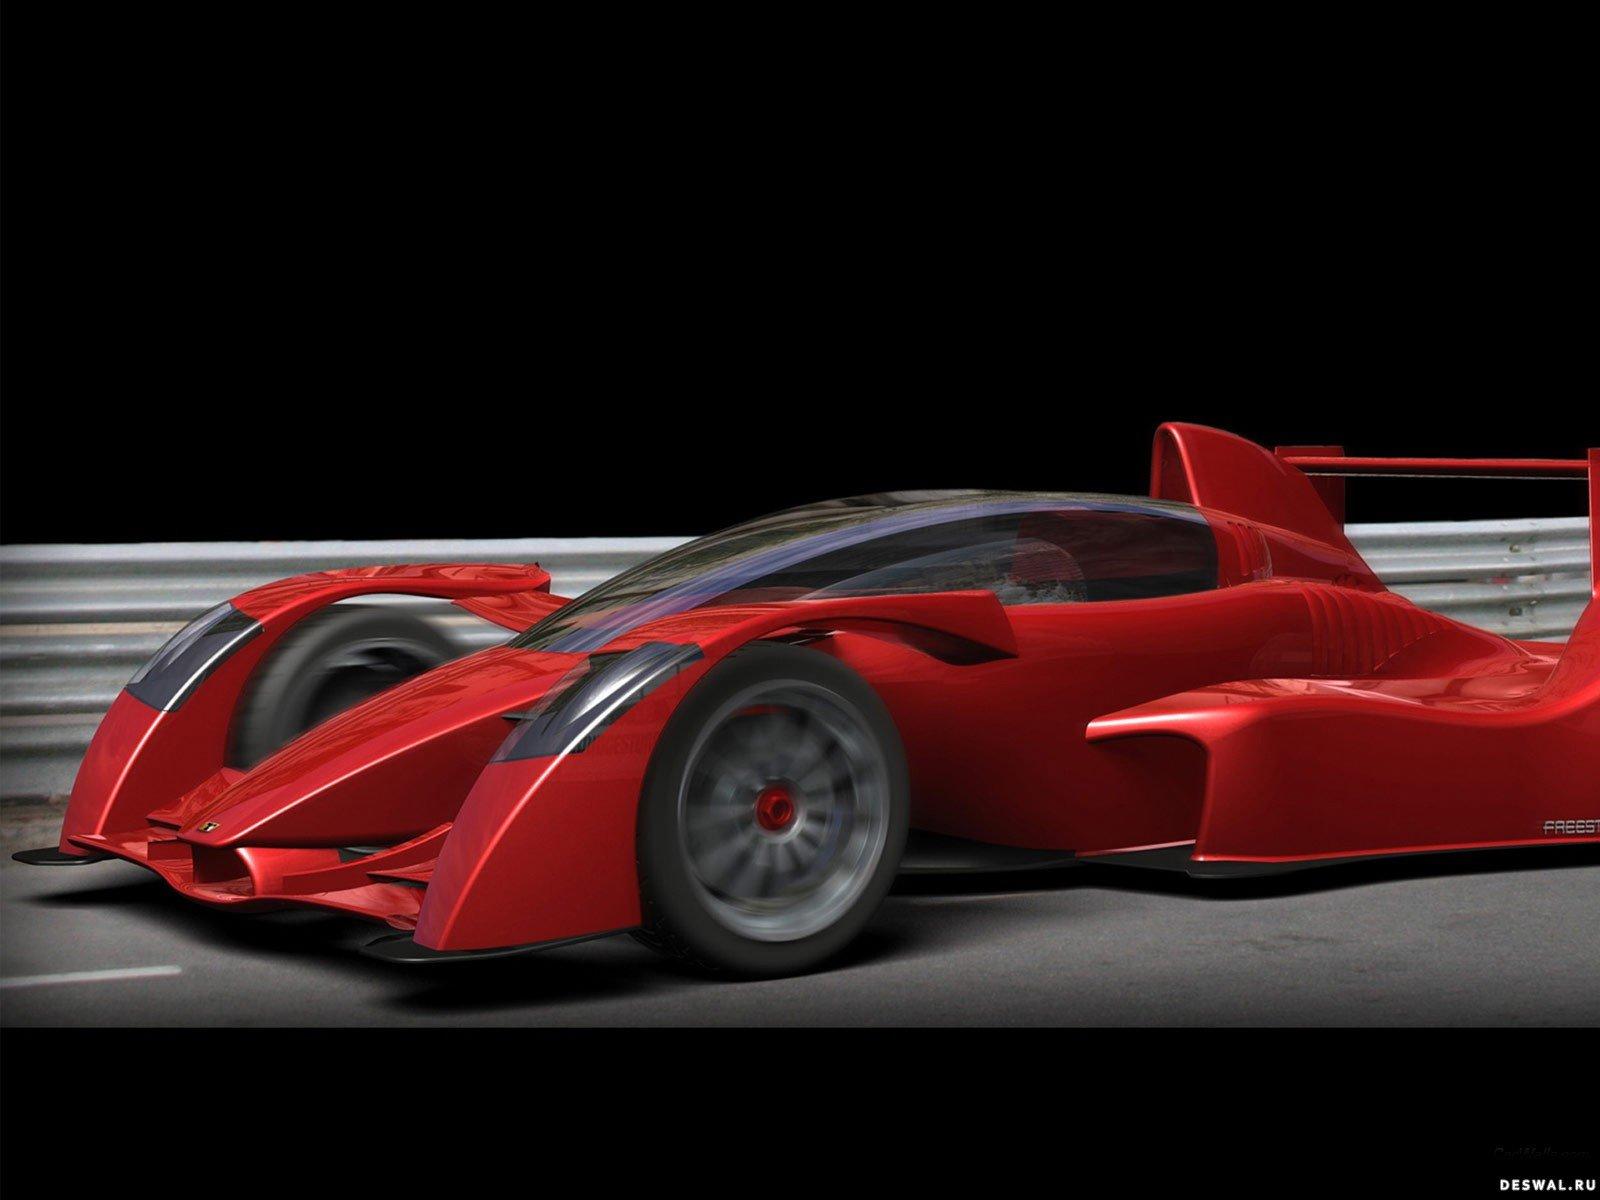 Фотообои машины Caparo, Нажмите на картинку с обоями автомобиля caparo, чтобы просмотреть ее в реальном размере